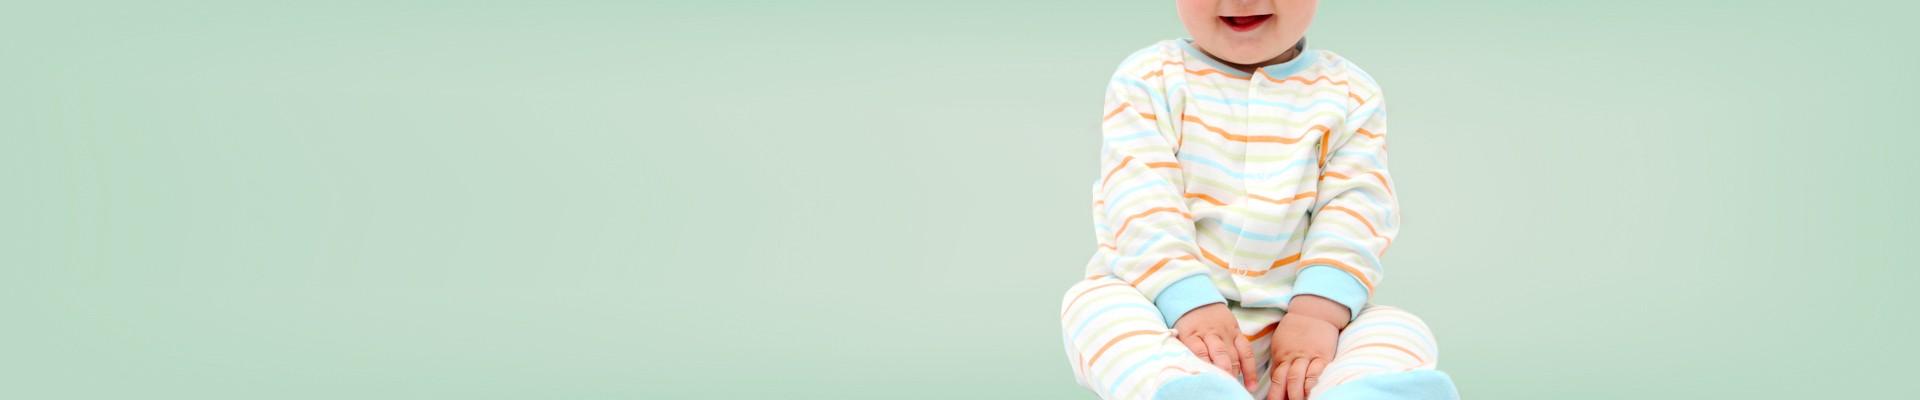 Jual Jumper Bayi Model Terbaru & Terlengkap